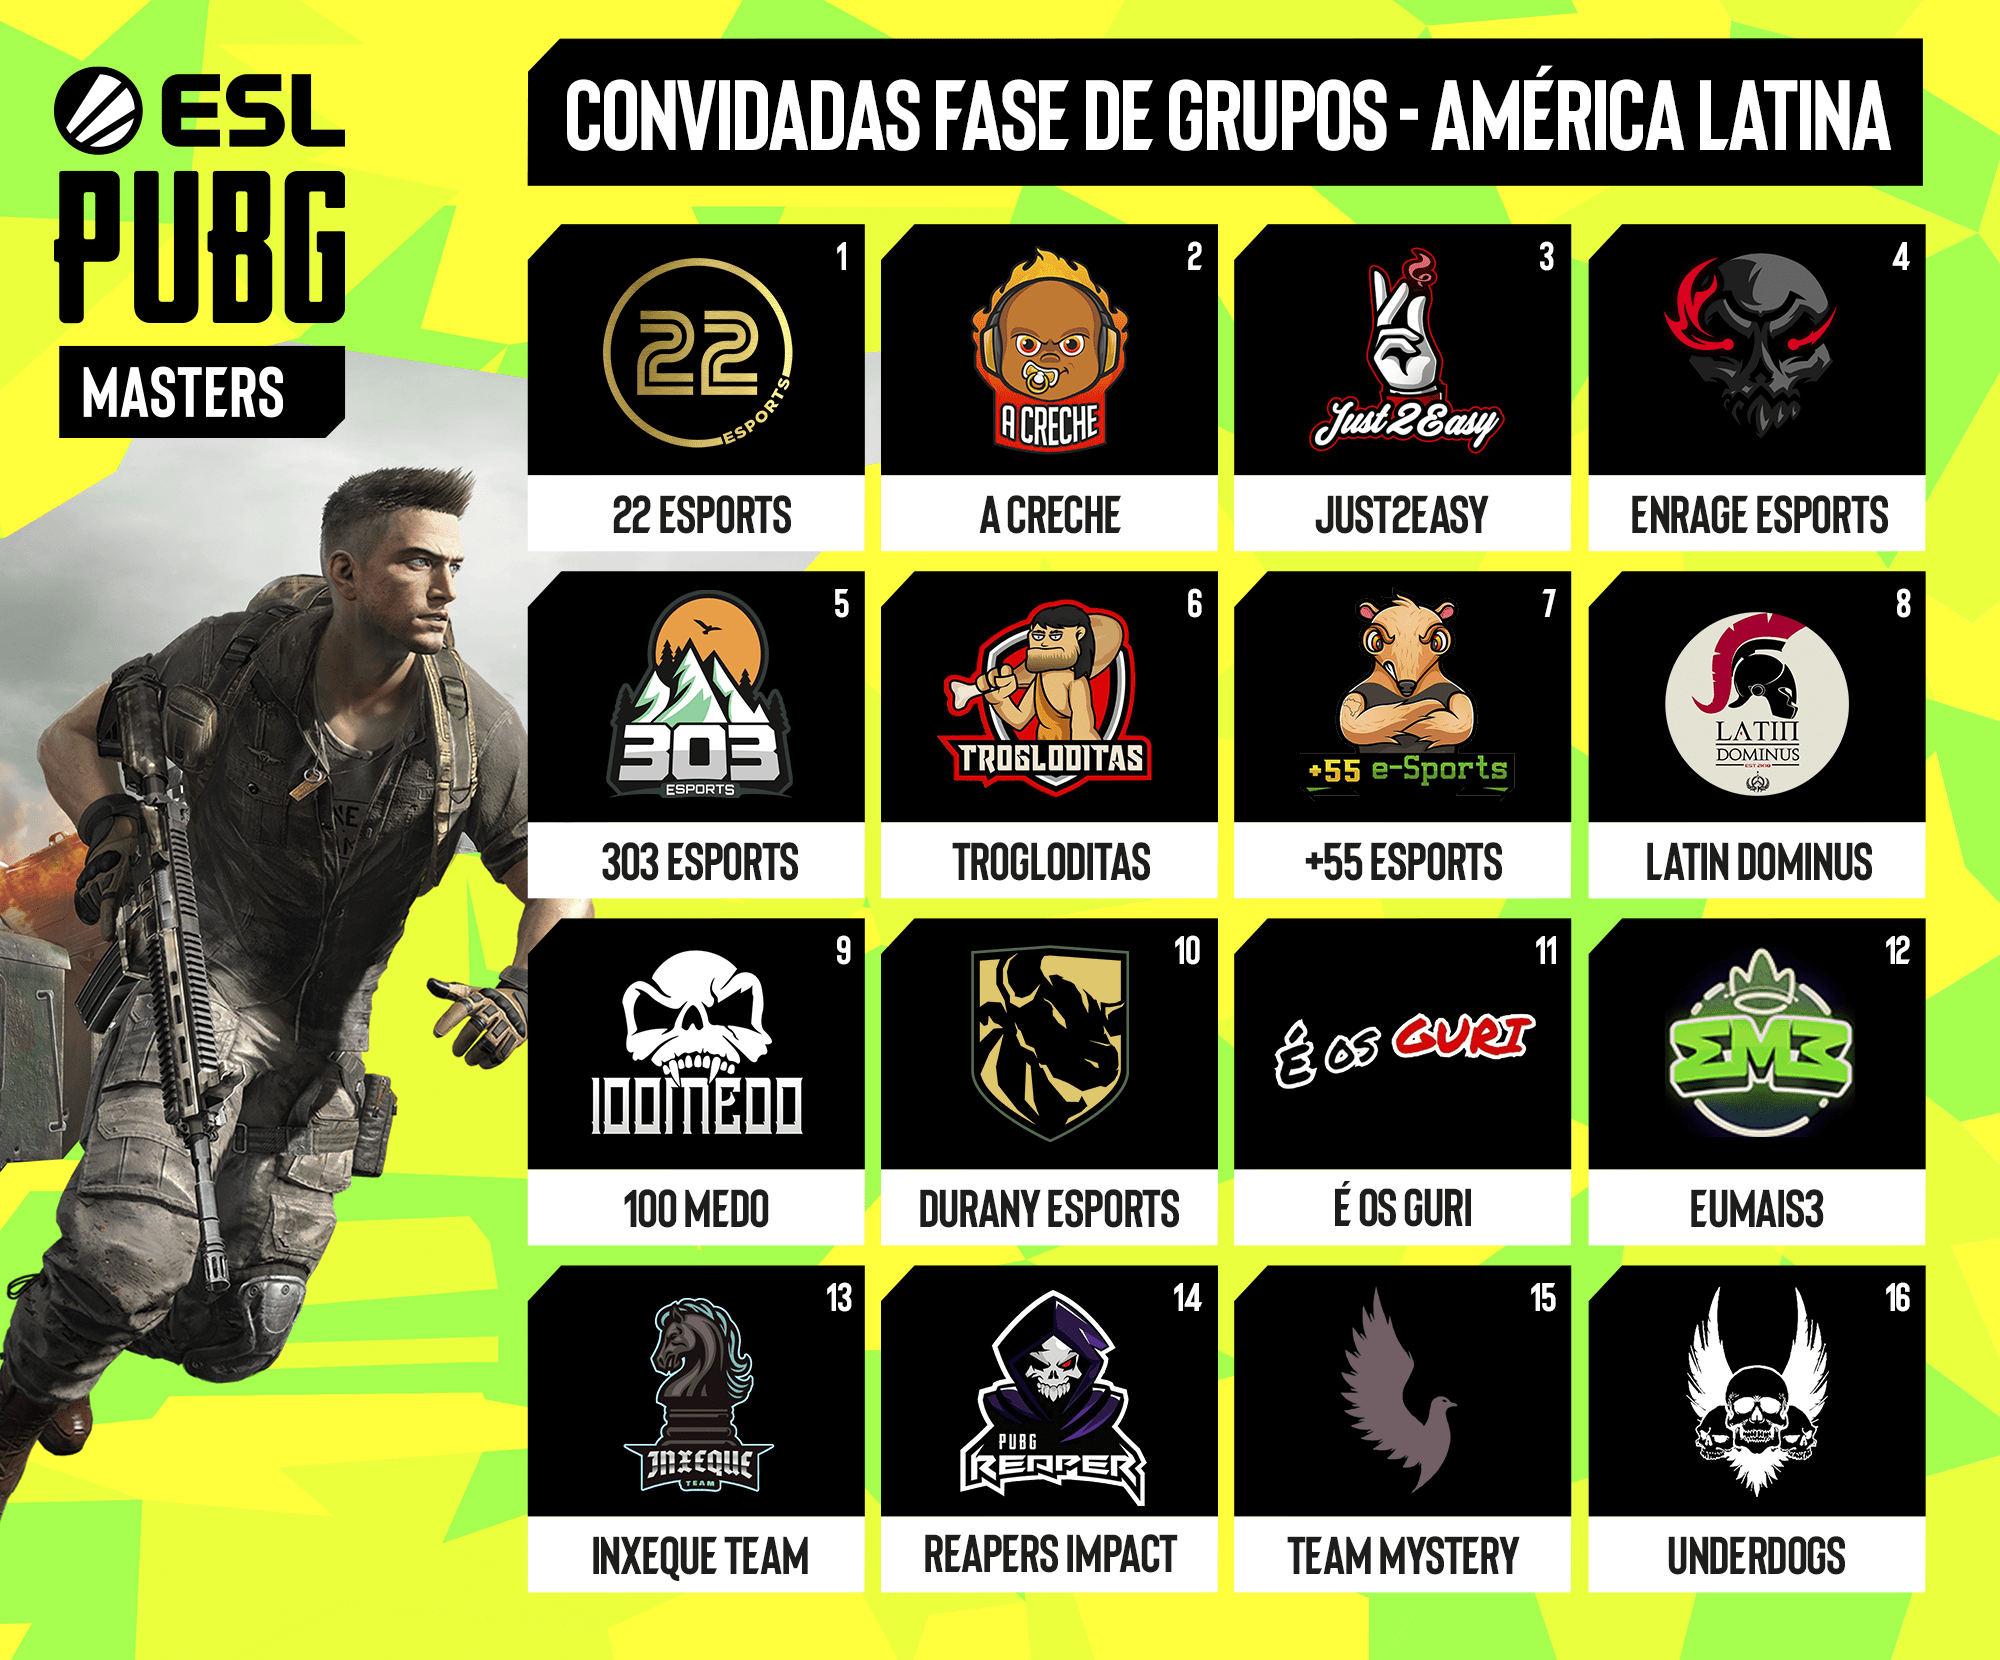 Lista das equipes convidadas da América Latina para a Fase de Grupos da ESL PUBG Masters: Fase 2 das Américas